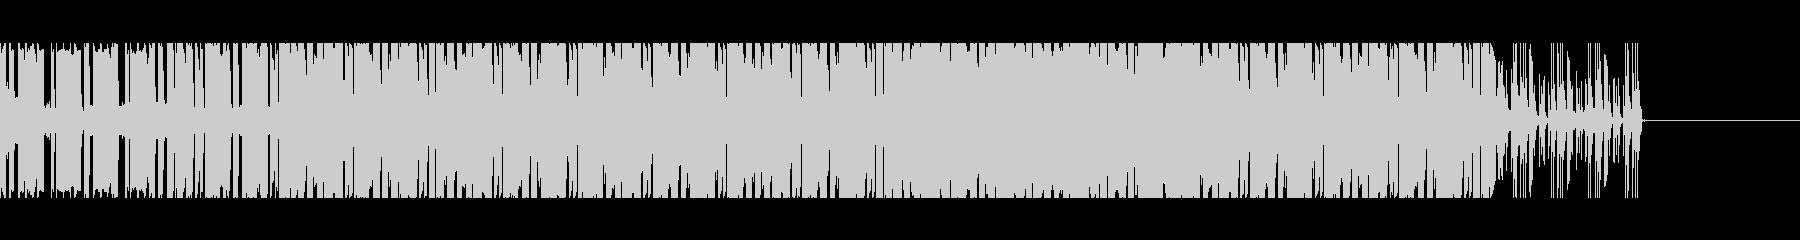 シンプルでシリアスめのデジタルBGMの未再生の波形